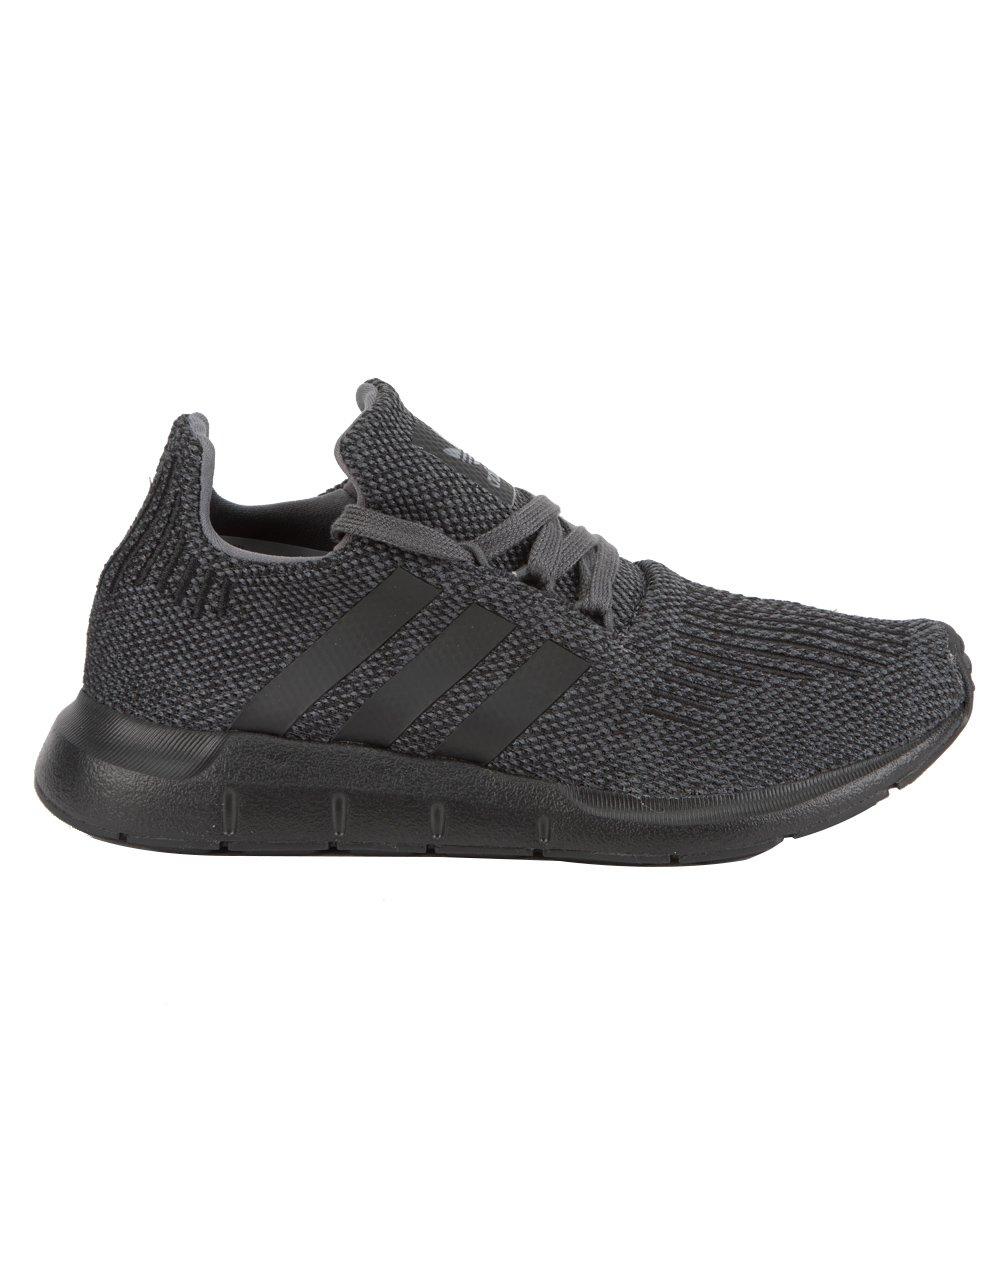 adidas Originals Kids Boy's Swift Run (Big Kid) Grey/Black/Black 3.5 M US Big Kid